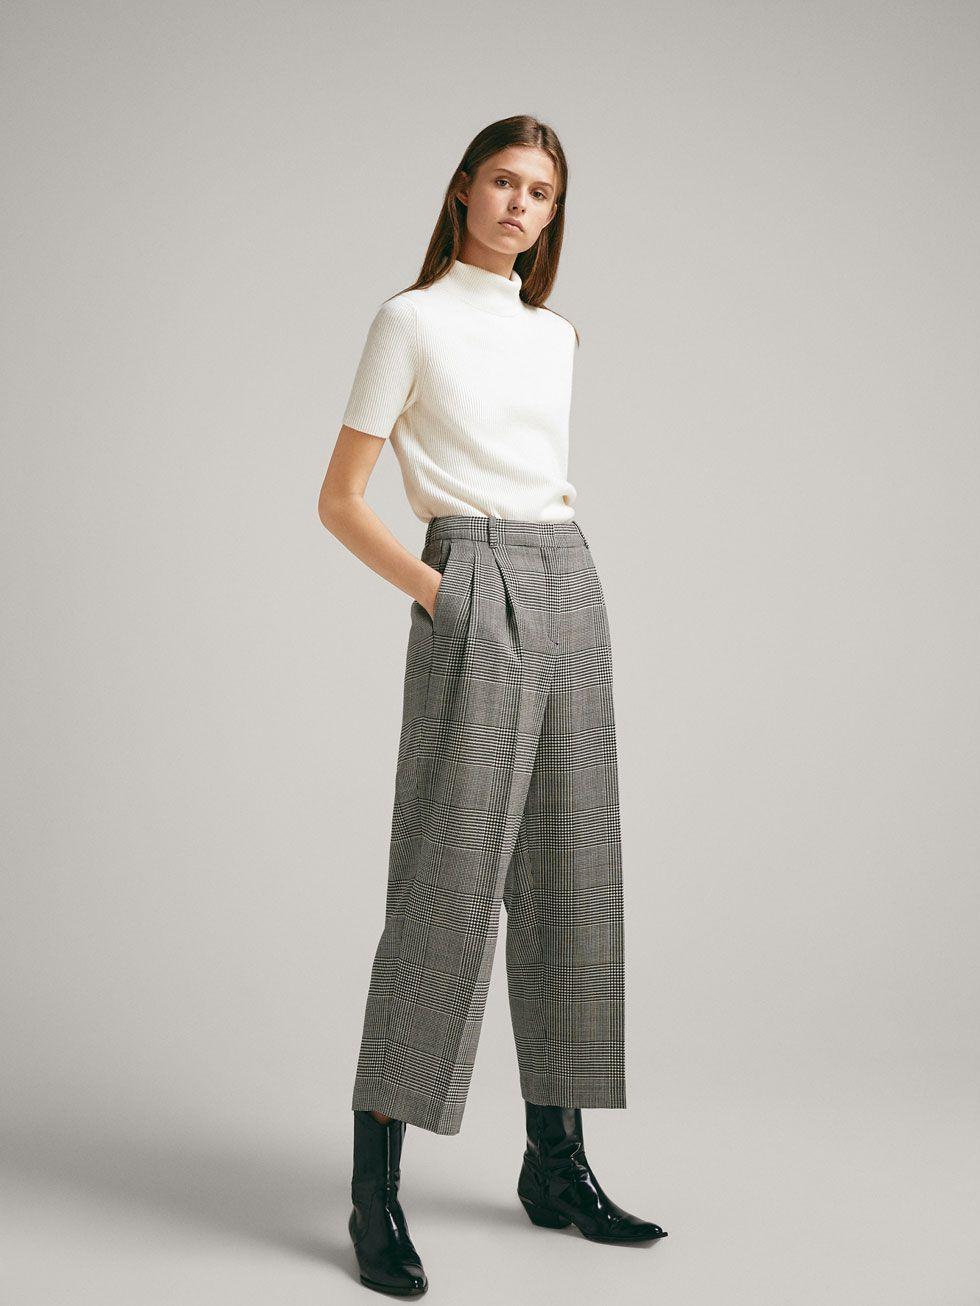 61c46eb907e Trousers - COLLECTION - WOMEN - Massimo Dutti - Republic of Ireland ...